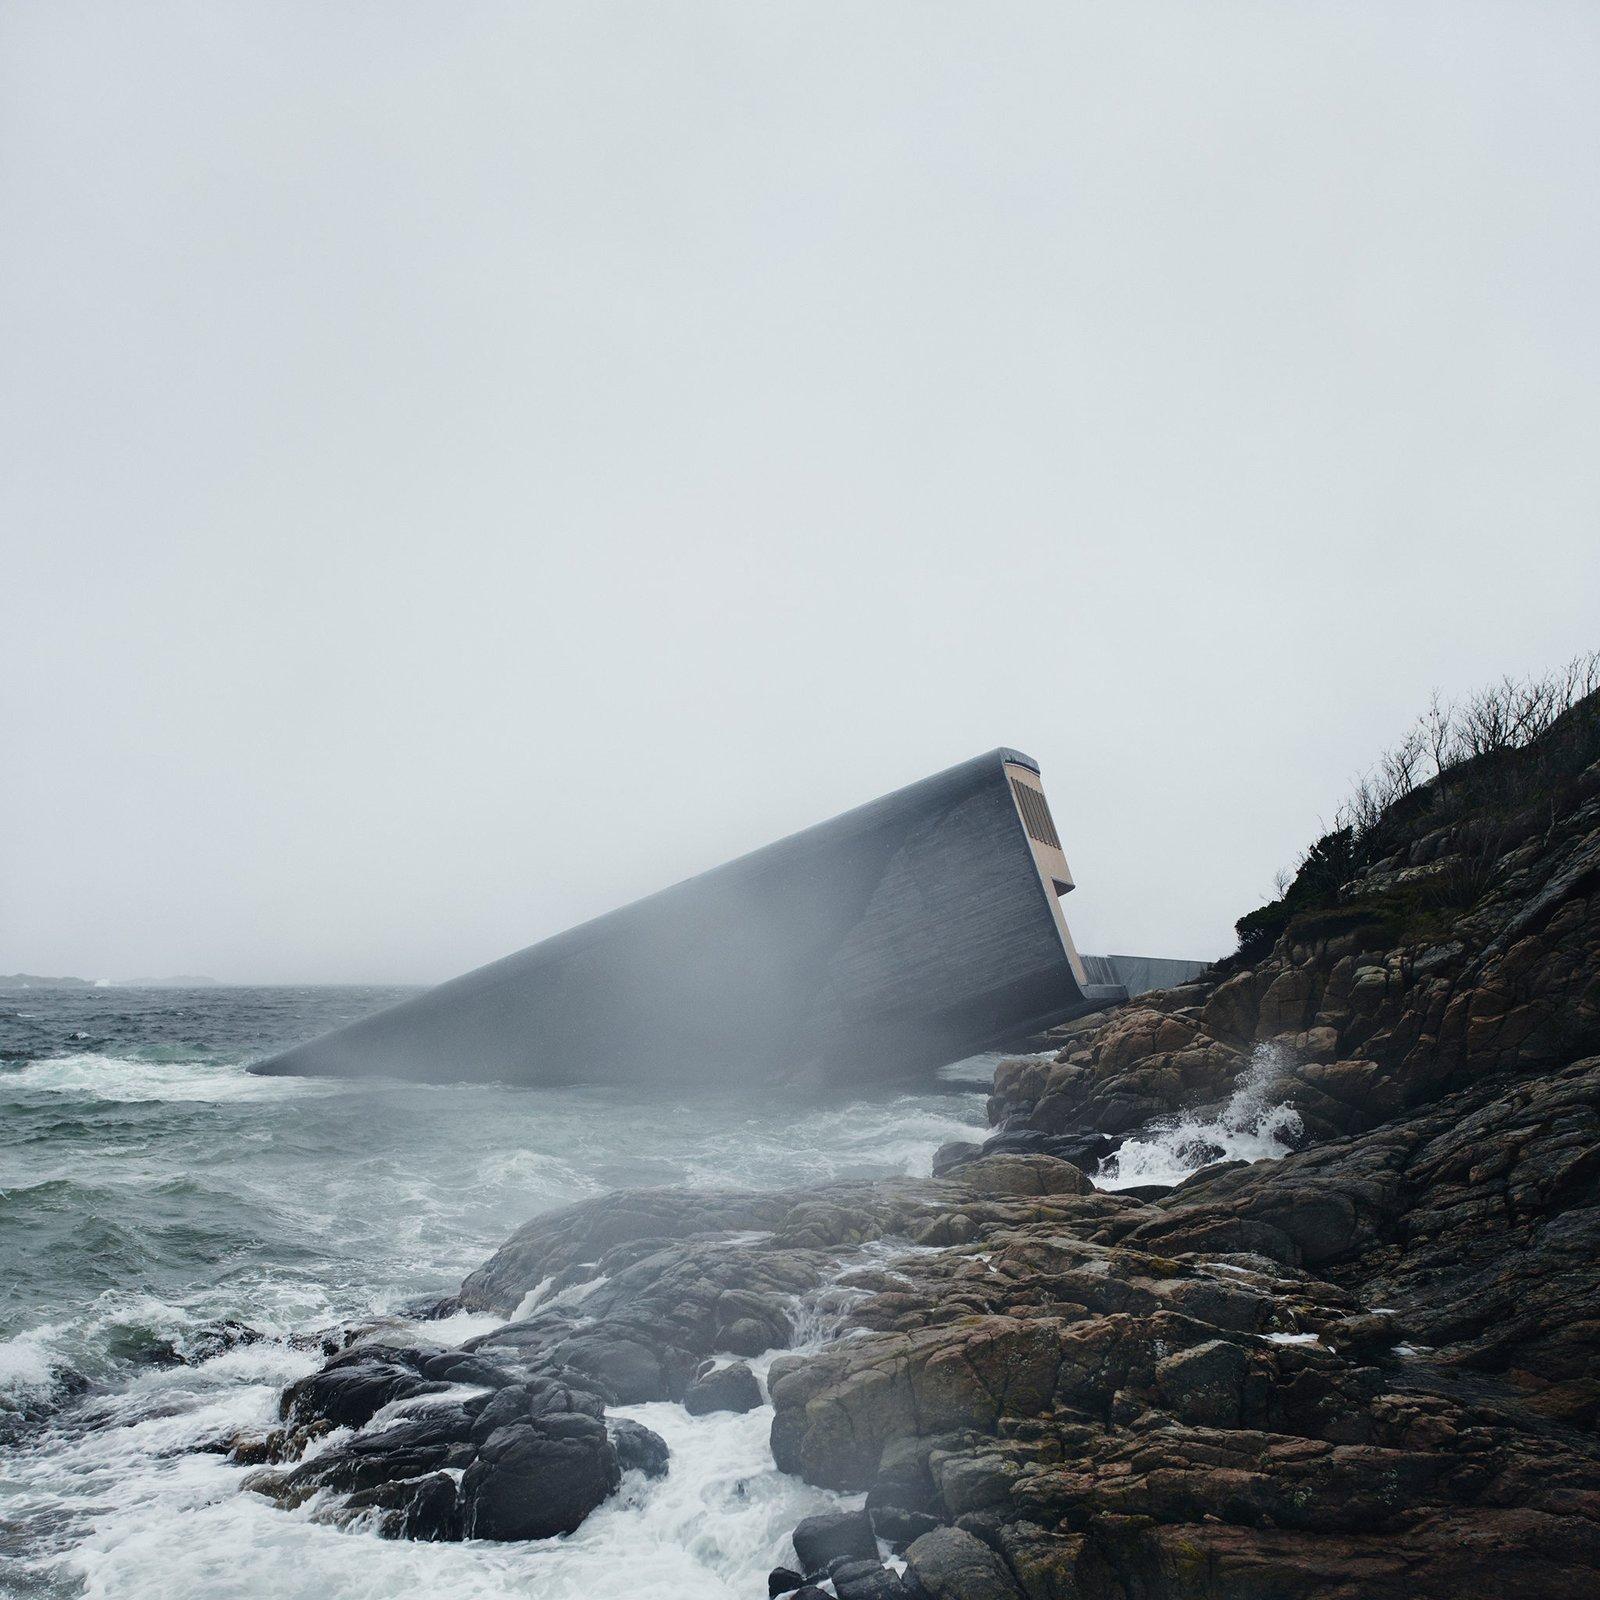 Snøhetta's New Underwater Restaurant in Norway Is Seriously Epic